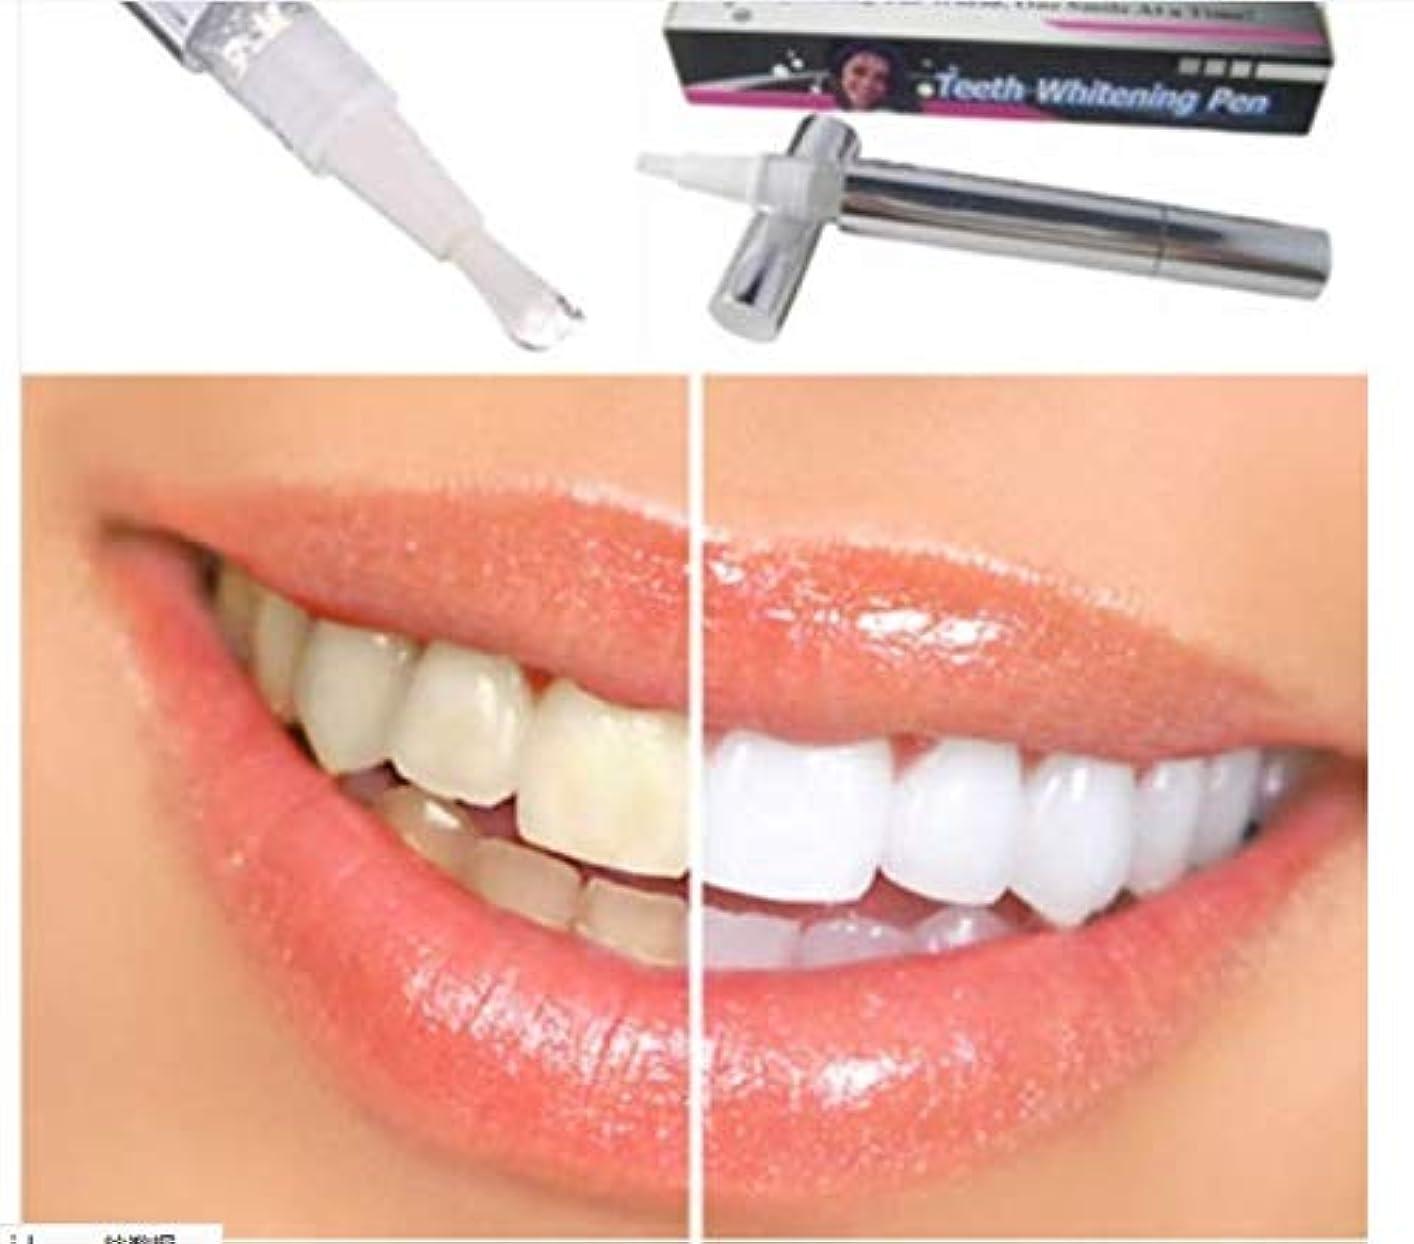 エアコンキャラバン胆嚢ホワイトニングペン型真っ白な歯 ホワイトニングペン 歯の白い漂白剤 瞬間汚れ消しゴムリムーバー